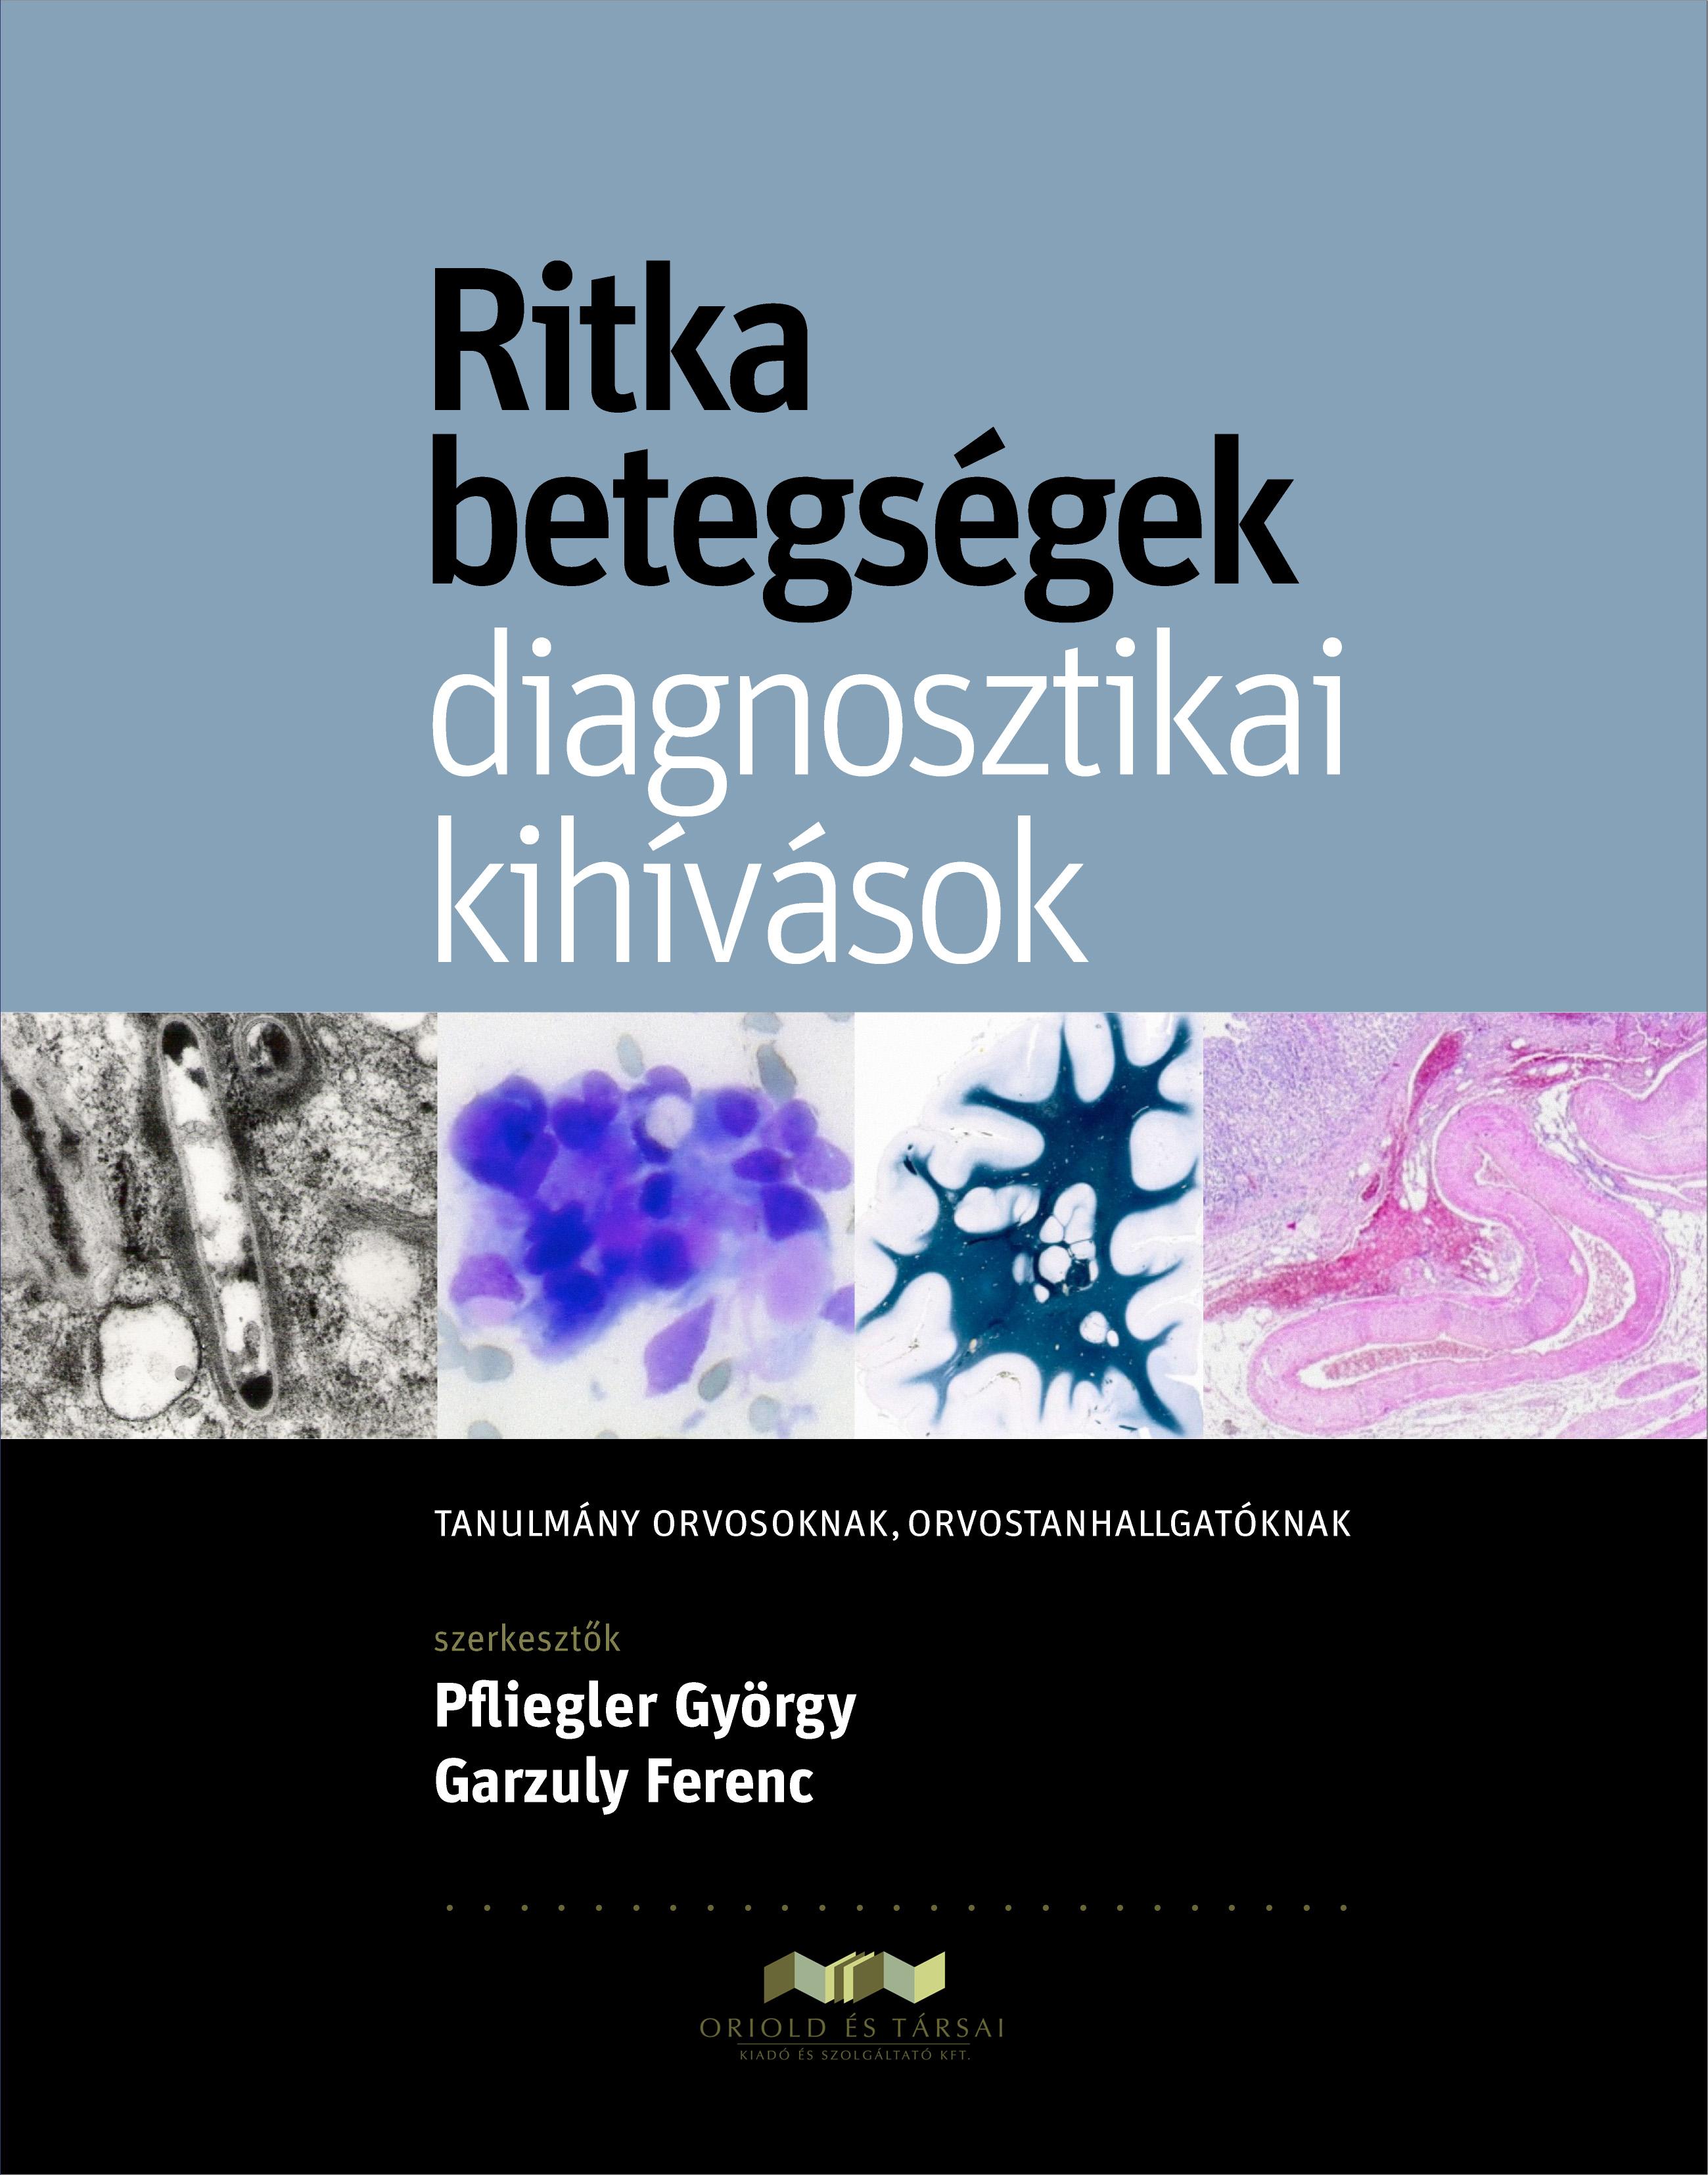 ODT - témakiírás: Resch Miklós: A vitreoretinális betegségek klinikai,